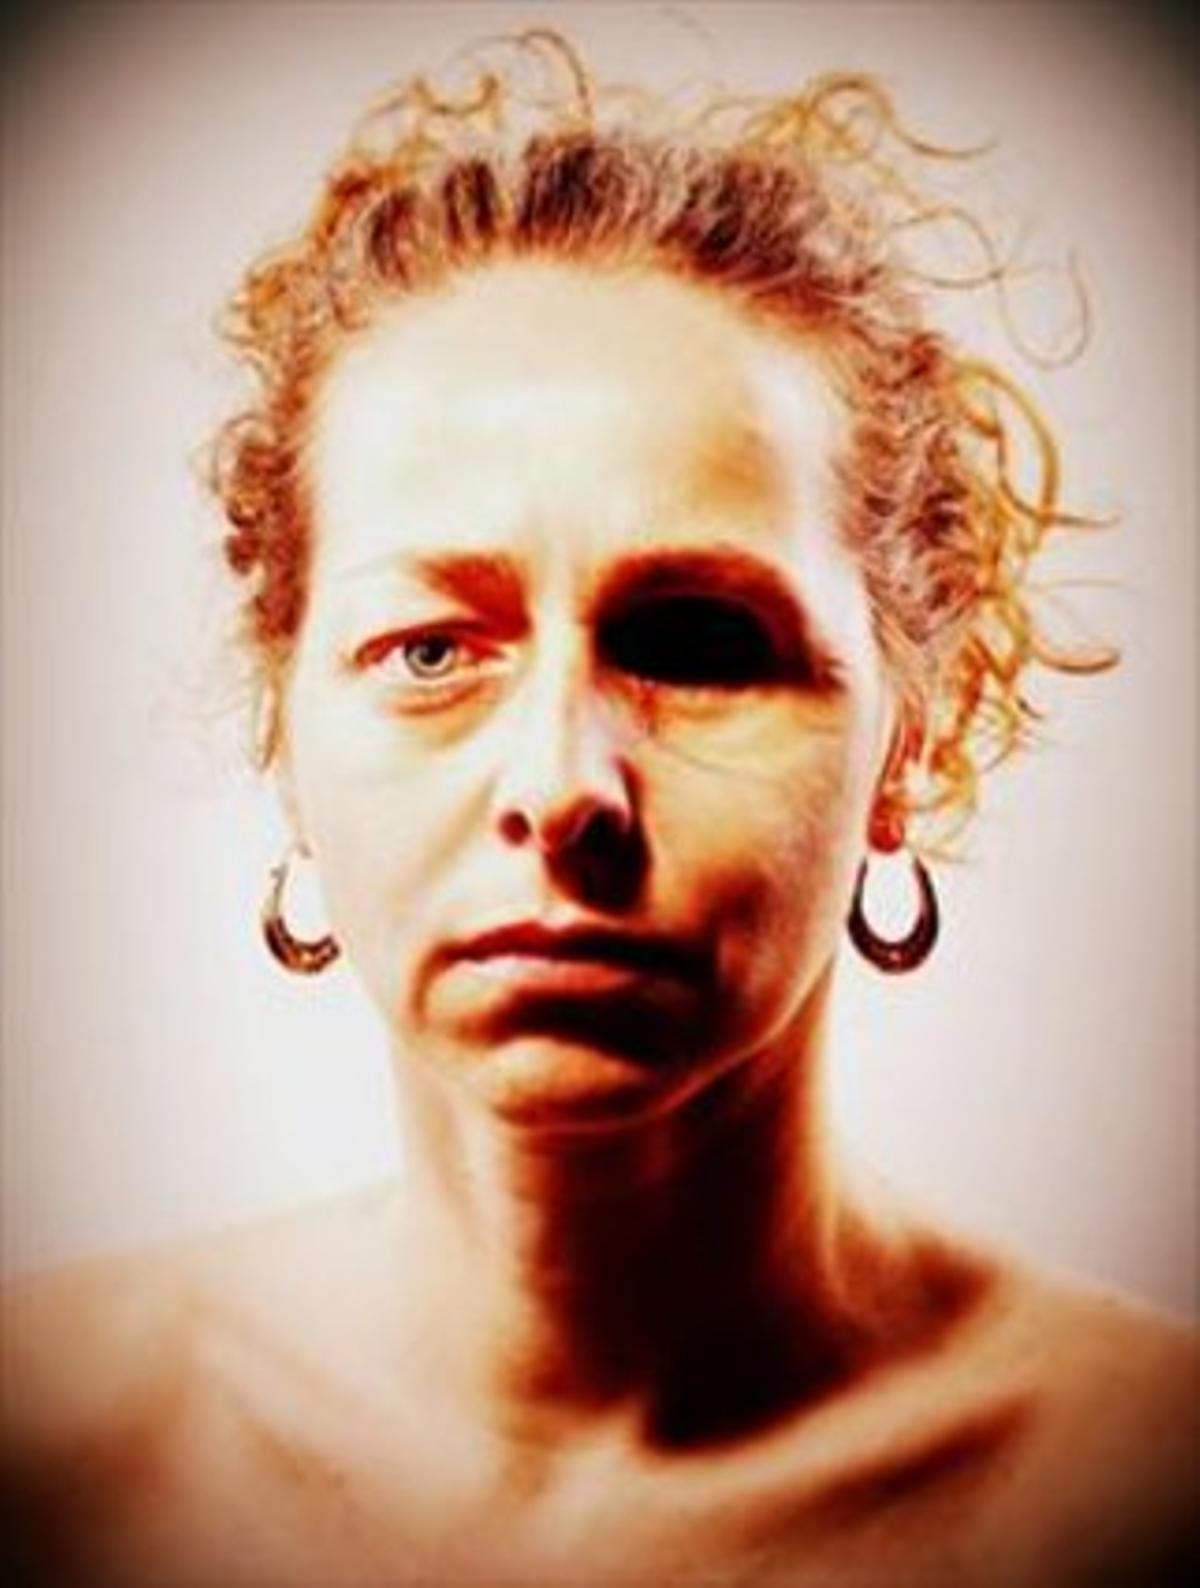 Ester Quintana va penjar en el seu Facebook una foto de la seva cara en la que mostra la seva mutilació.